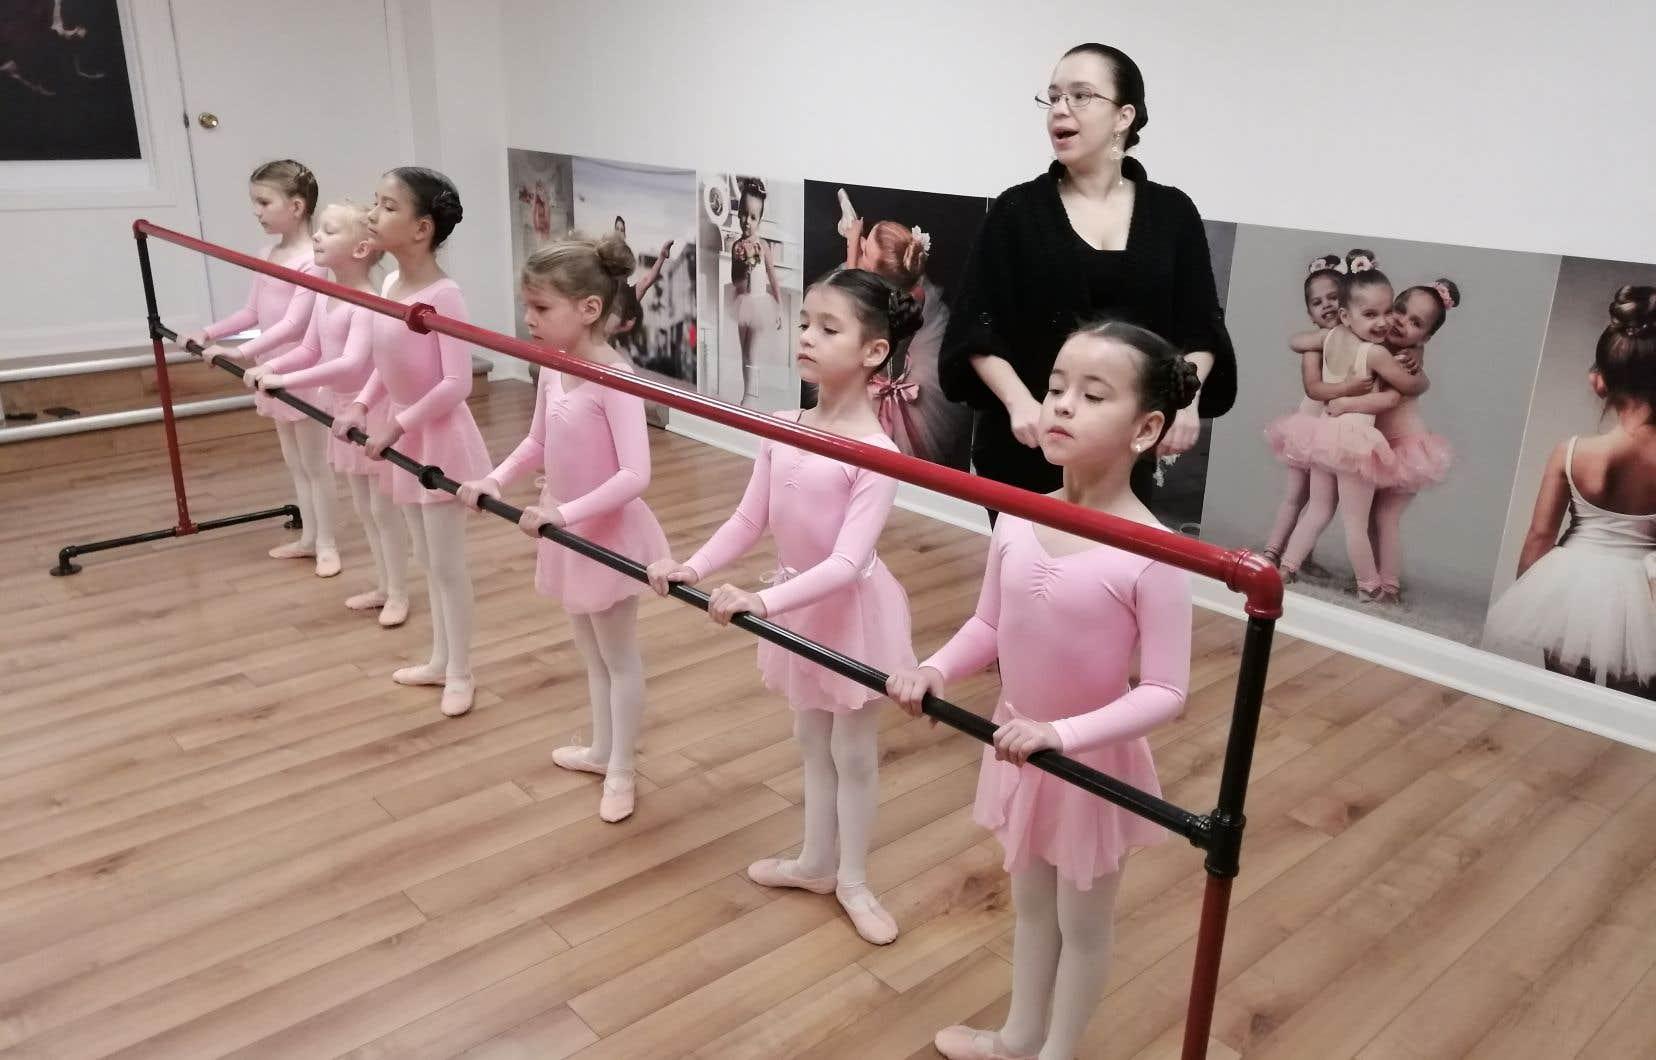 «Plusieurs personnes ont voulu me décourager en me disant que ce serait compliqué d'ouvrir une école de ballet dans le coin [de Thetford Mines], car les gens ici préféraient un autre type de danse, mais je ne me suis pas laissé influencer», lance Natalia Burgos.